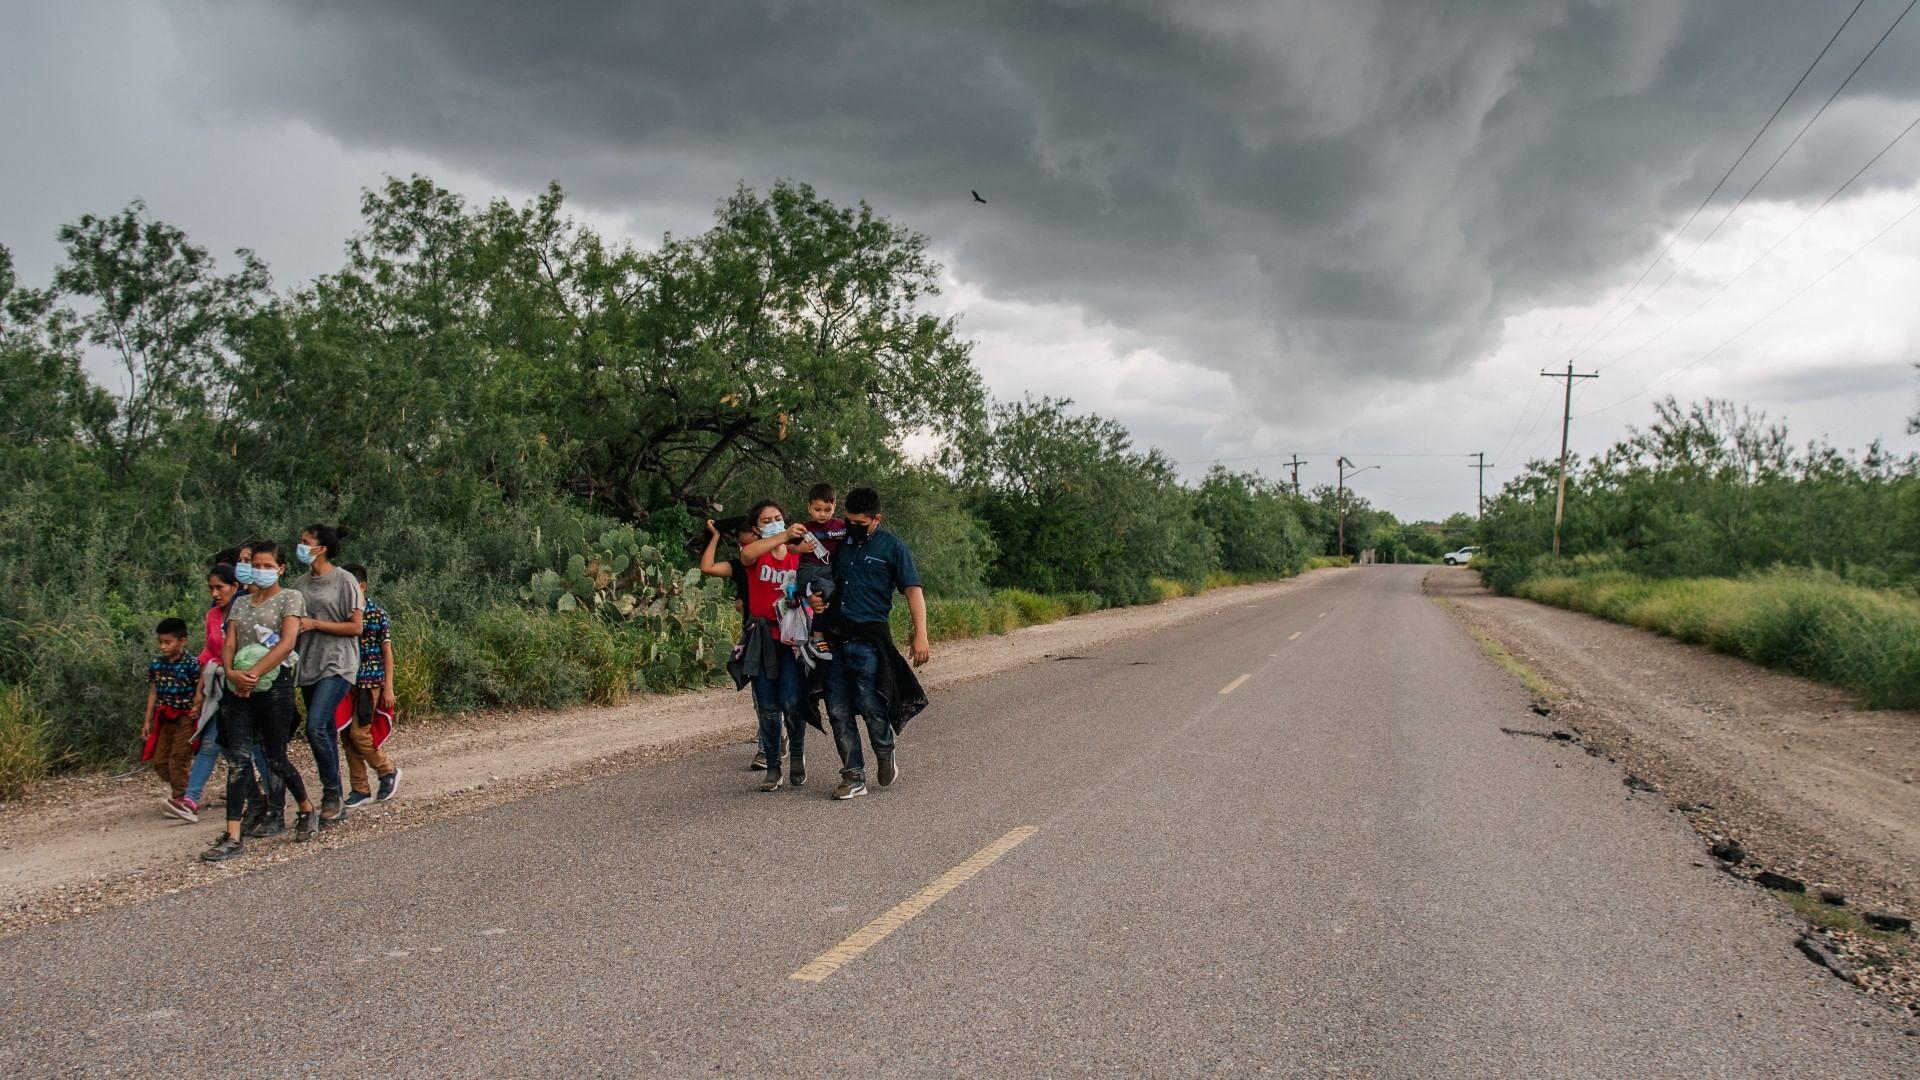 Auf der Flucht: Migration weltweit